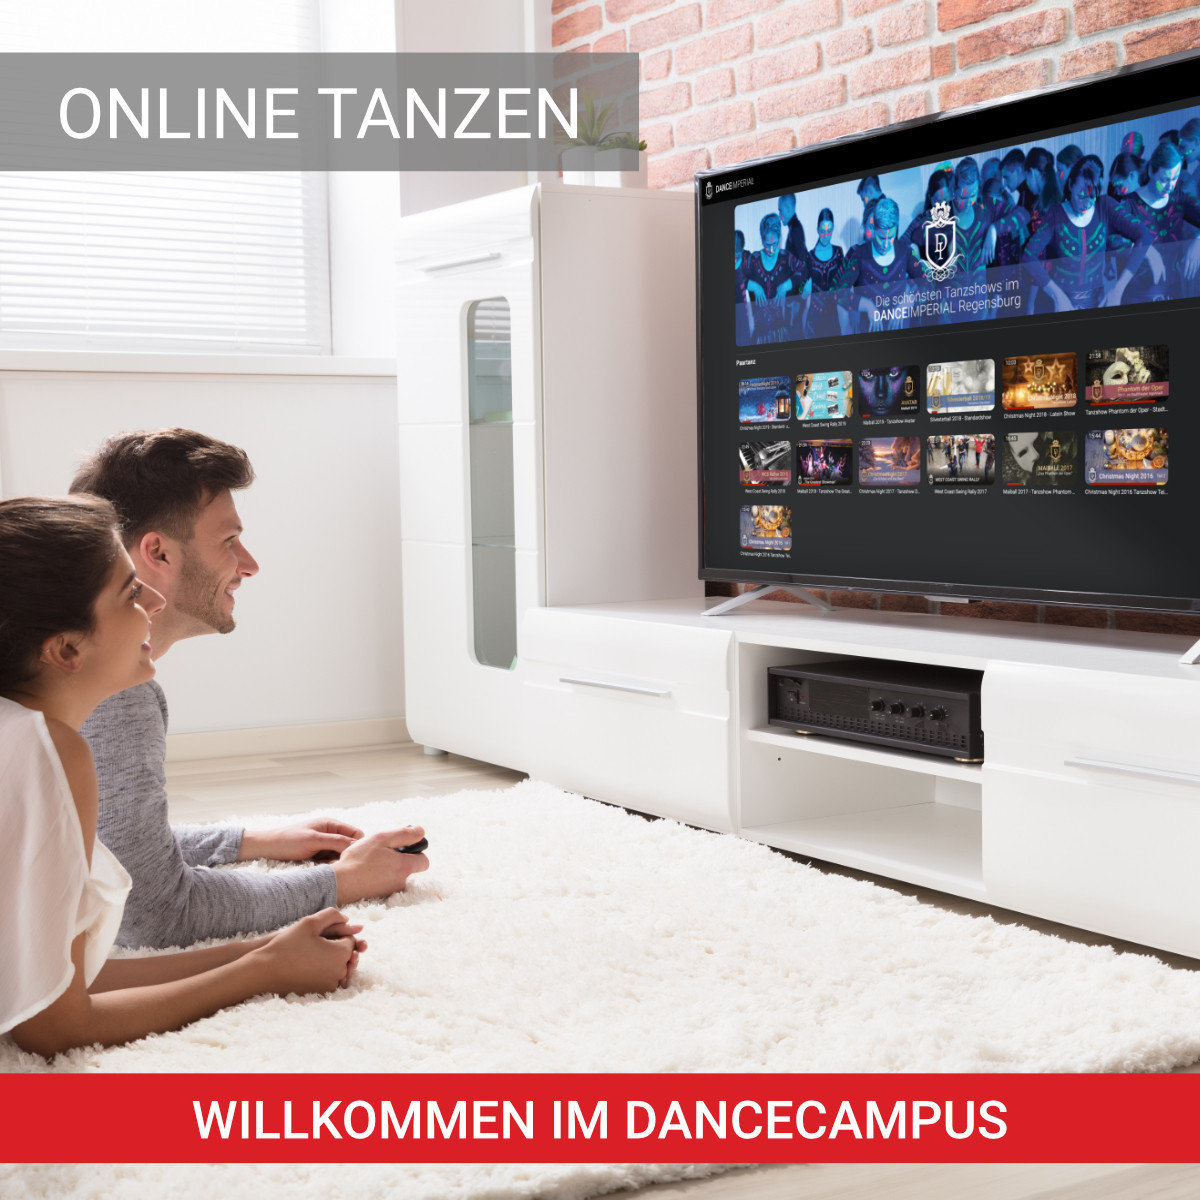 DanceCampus quadr.jpg